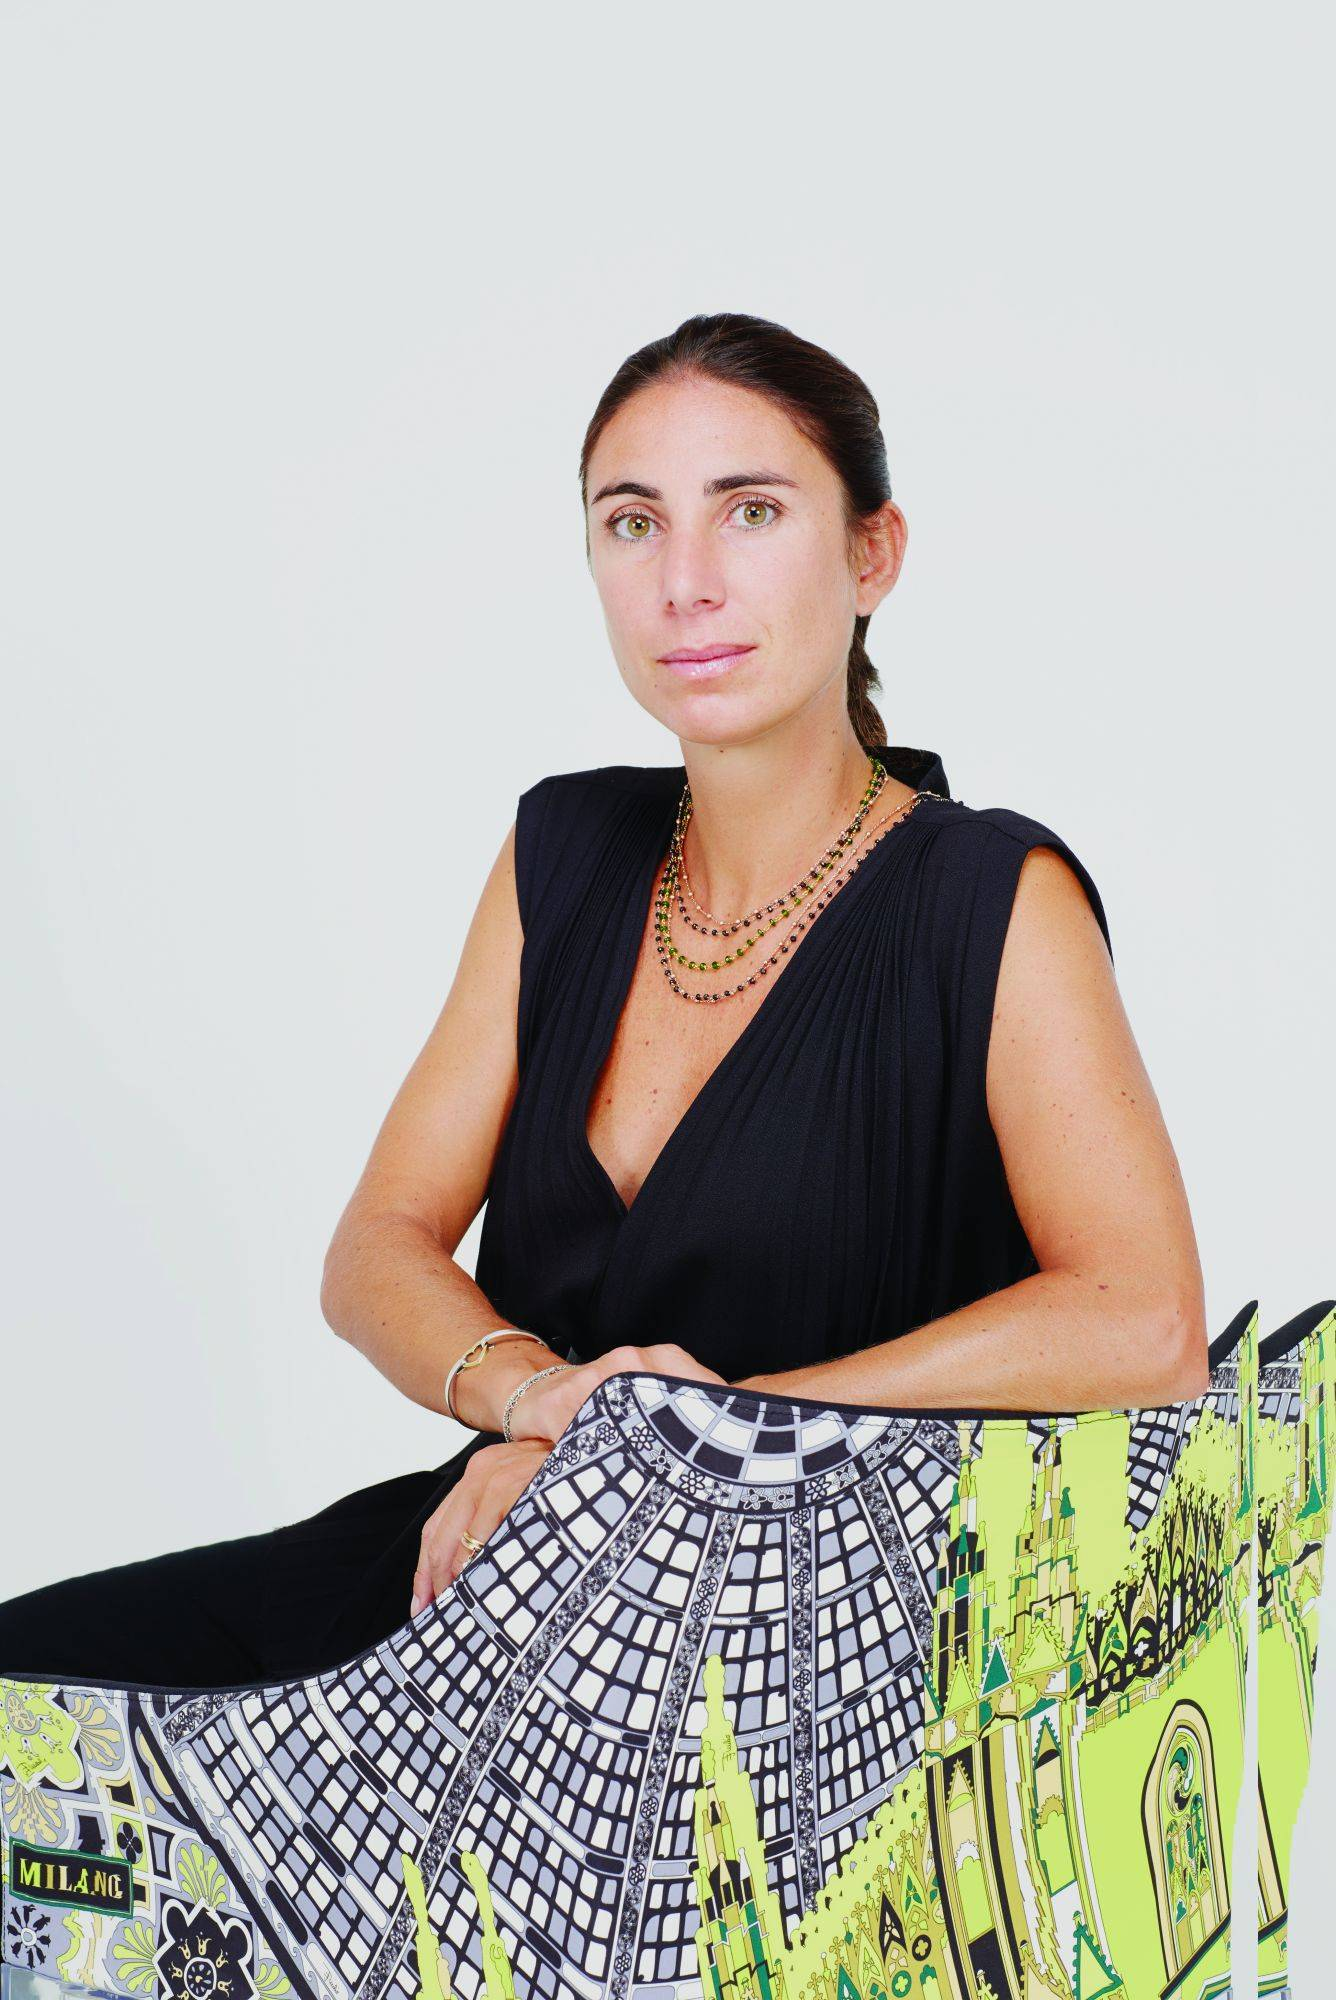 Lorenza Luti, diretora de marketing e varejo da Kartell. Foto: Tommaso Gesuato